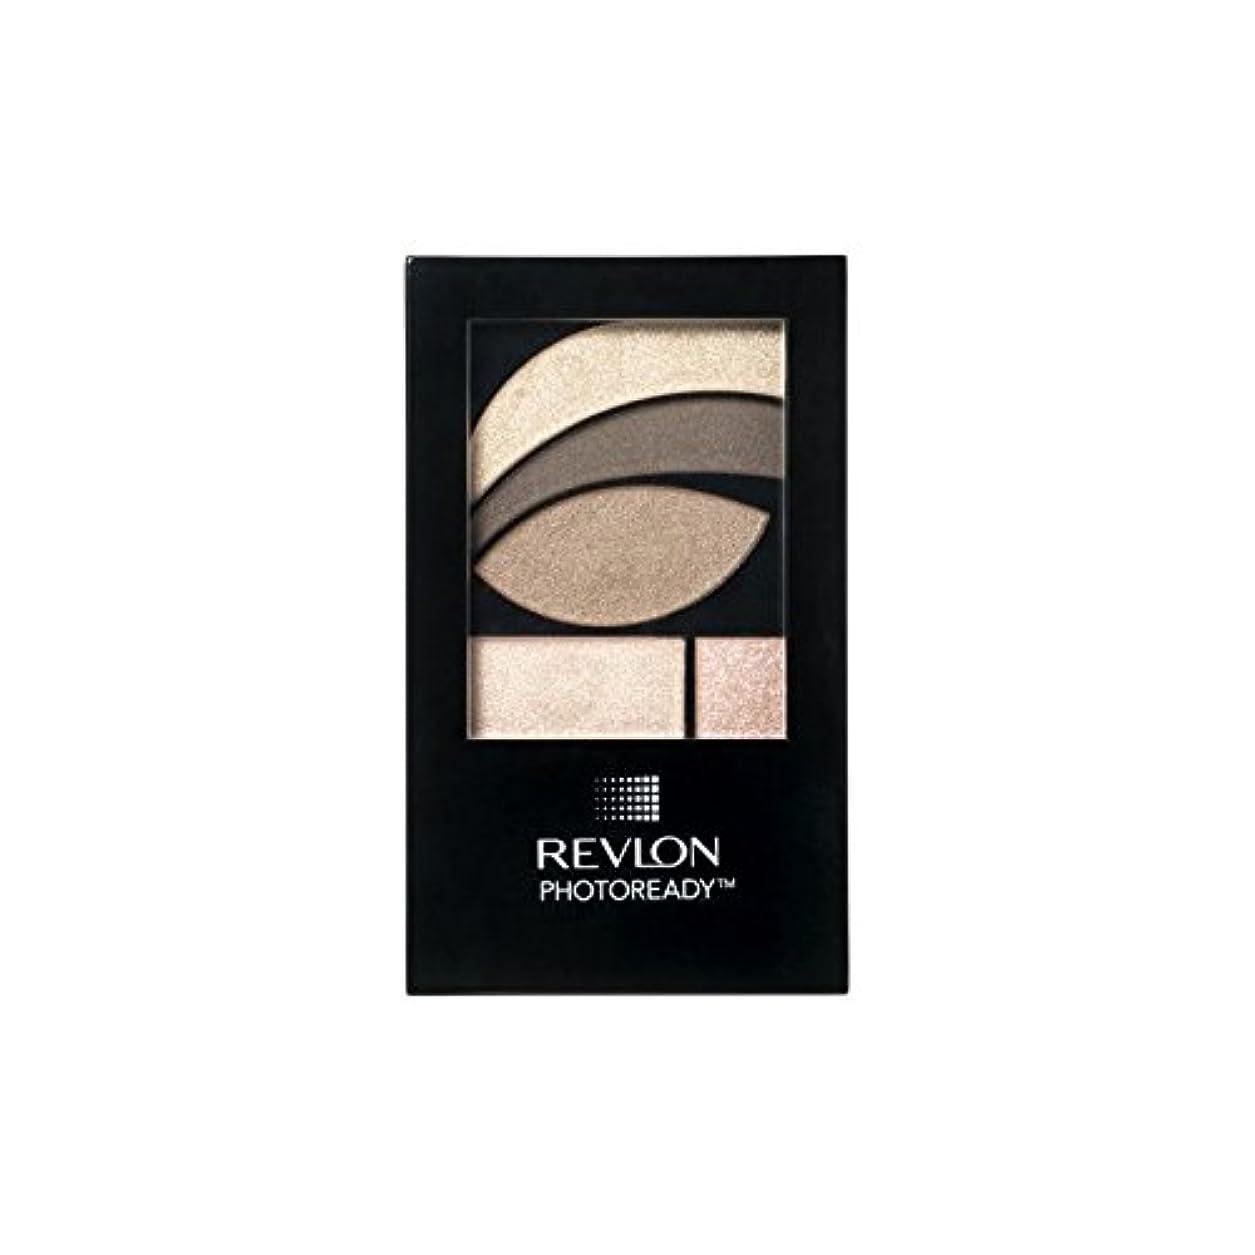 タイトル技術的な口実レブロンアイシャドウの写真プライマー印象派 x4 - Revlon Eye Shadow Photo R Primer Impressionist (Pack of 4) [並行輸入品]